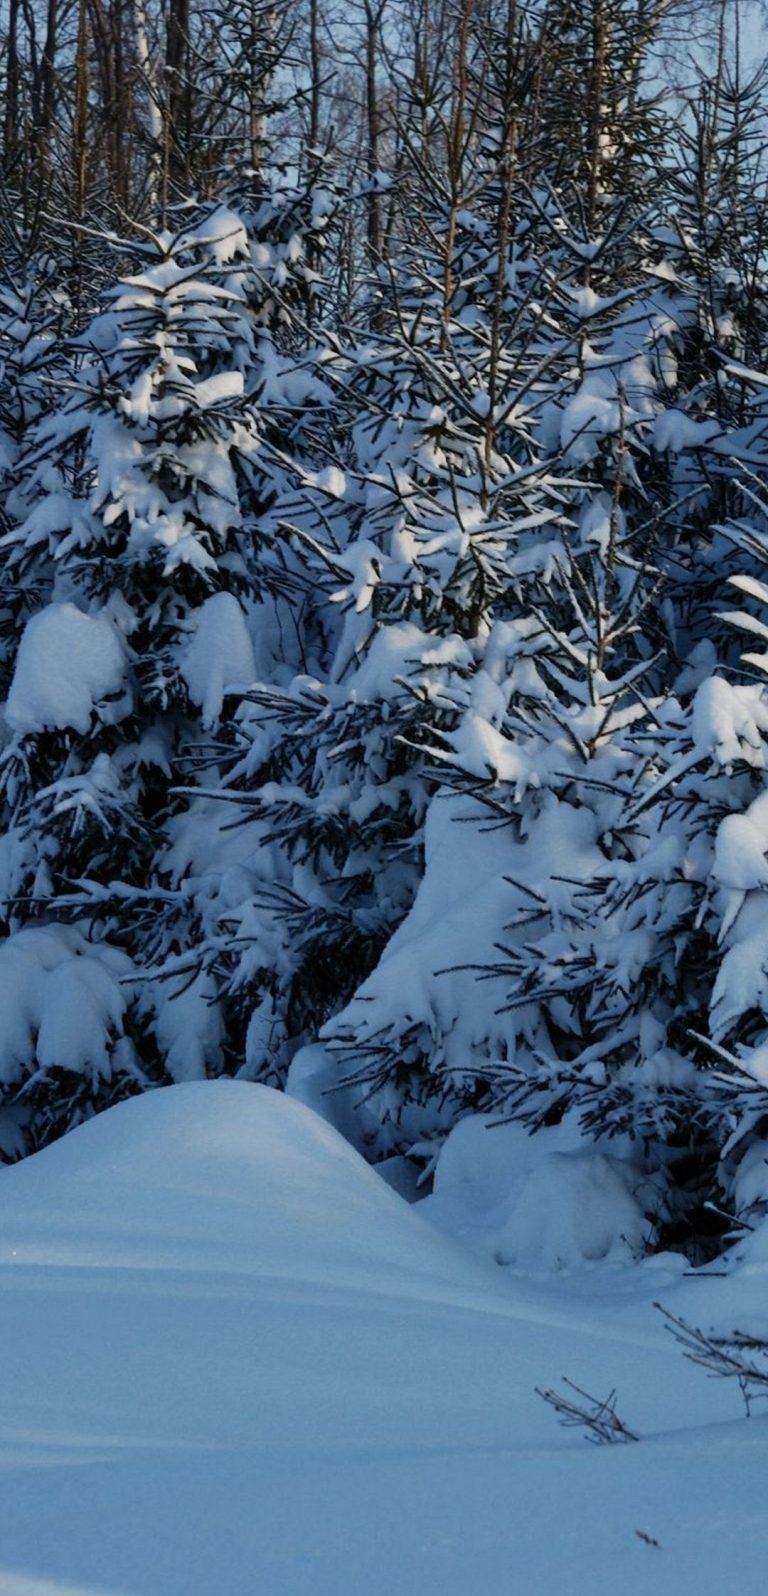 Winter Fir Trees Snow 1080x2244 768x1596